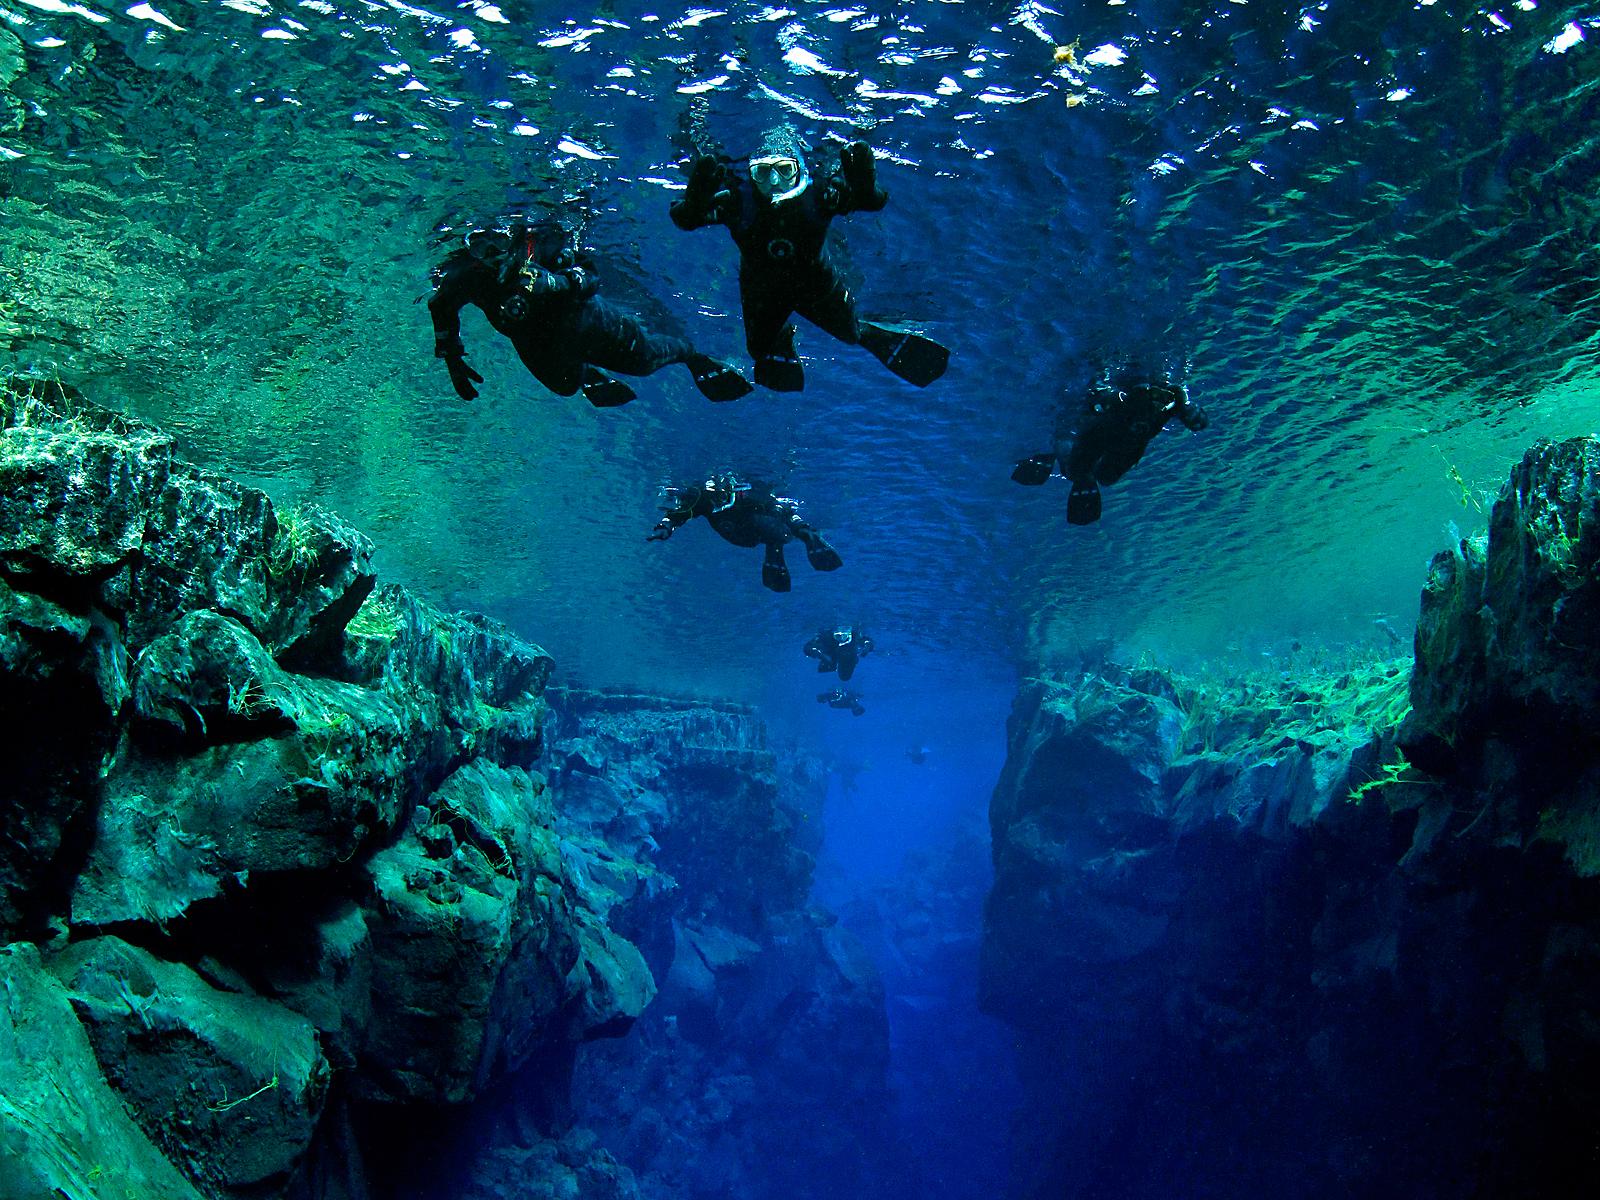 스쿠버 다이빙과 스노클링으로 유명한 실프라 협곡은 세계 10대 명소로 꼽힙니다.